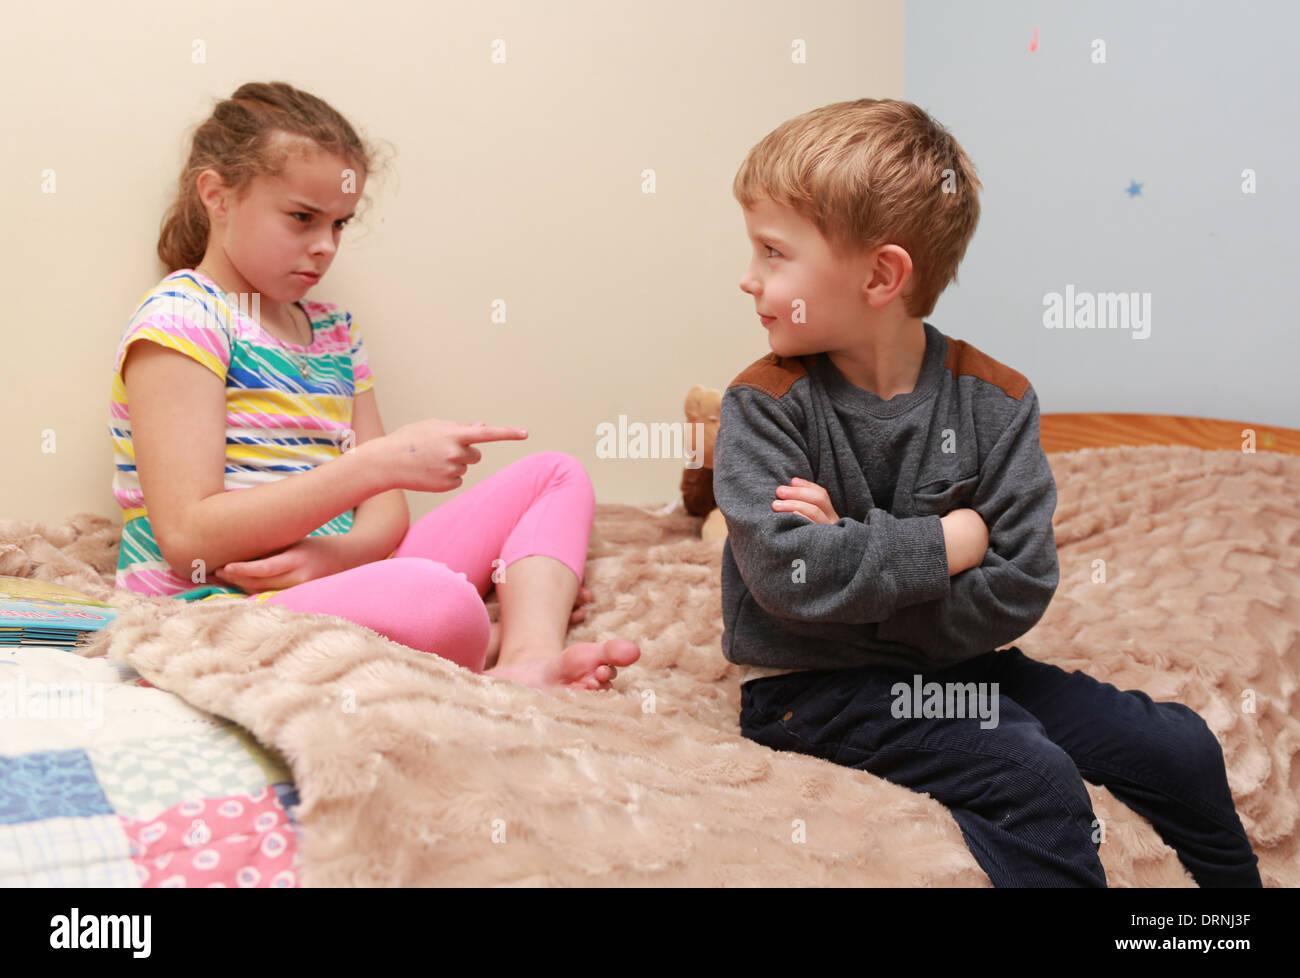 Русское порно как брат трахнул молодую сестру, Инцест. Брат и сестра. Мать и сын. И так далее Форум 5 фотография